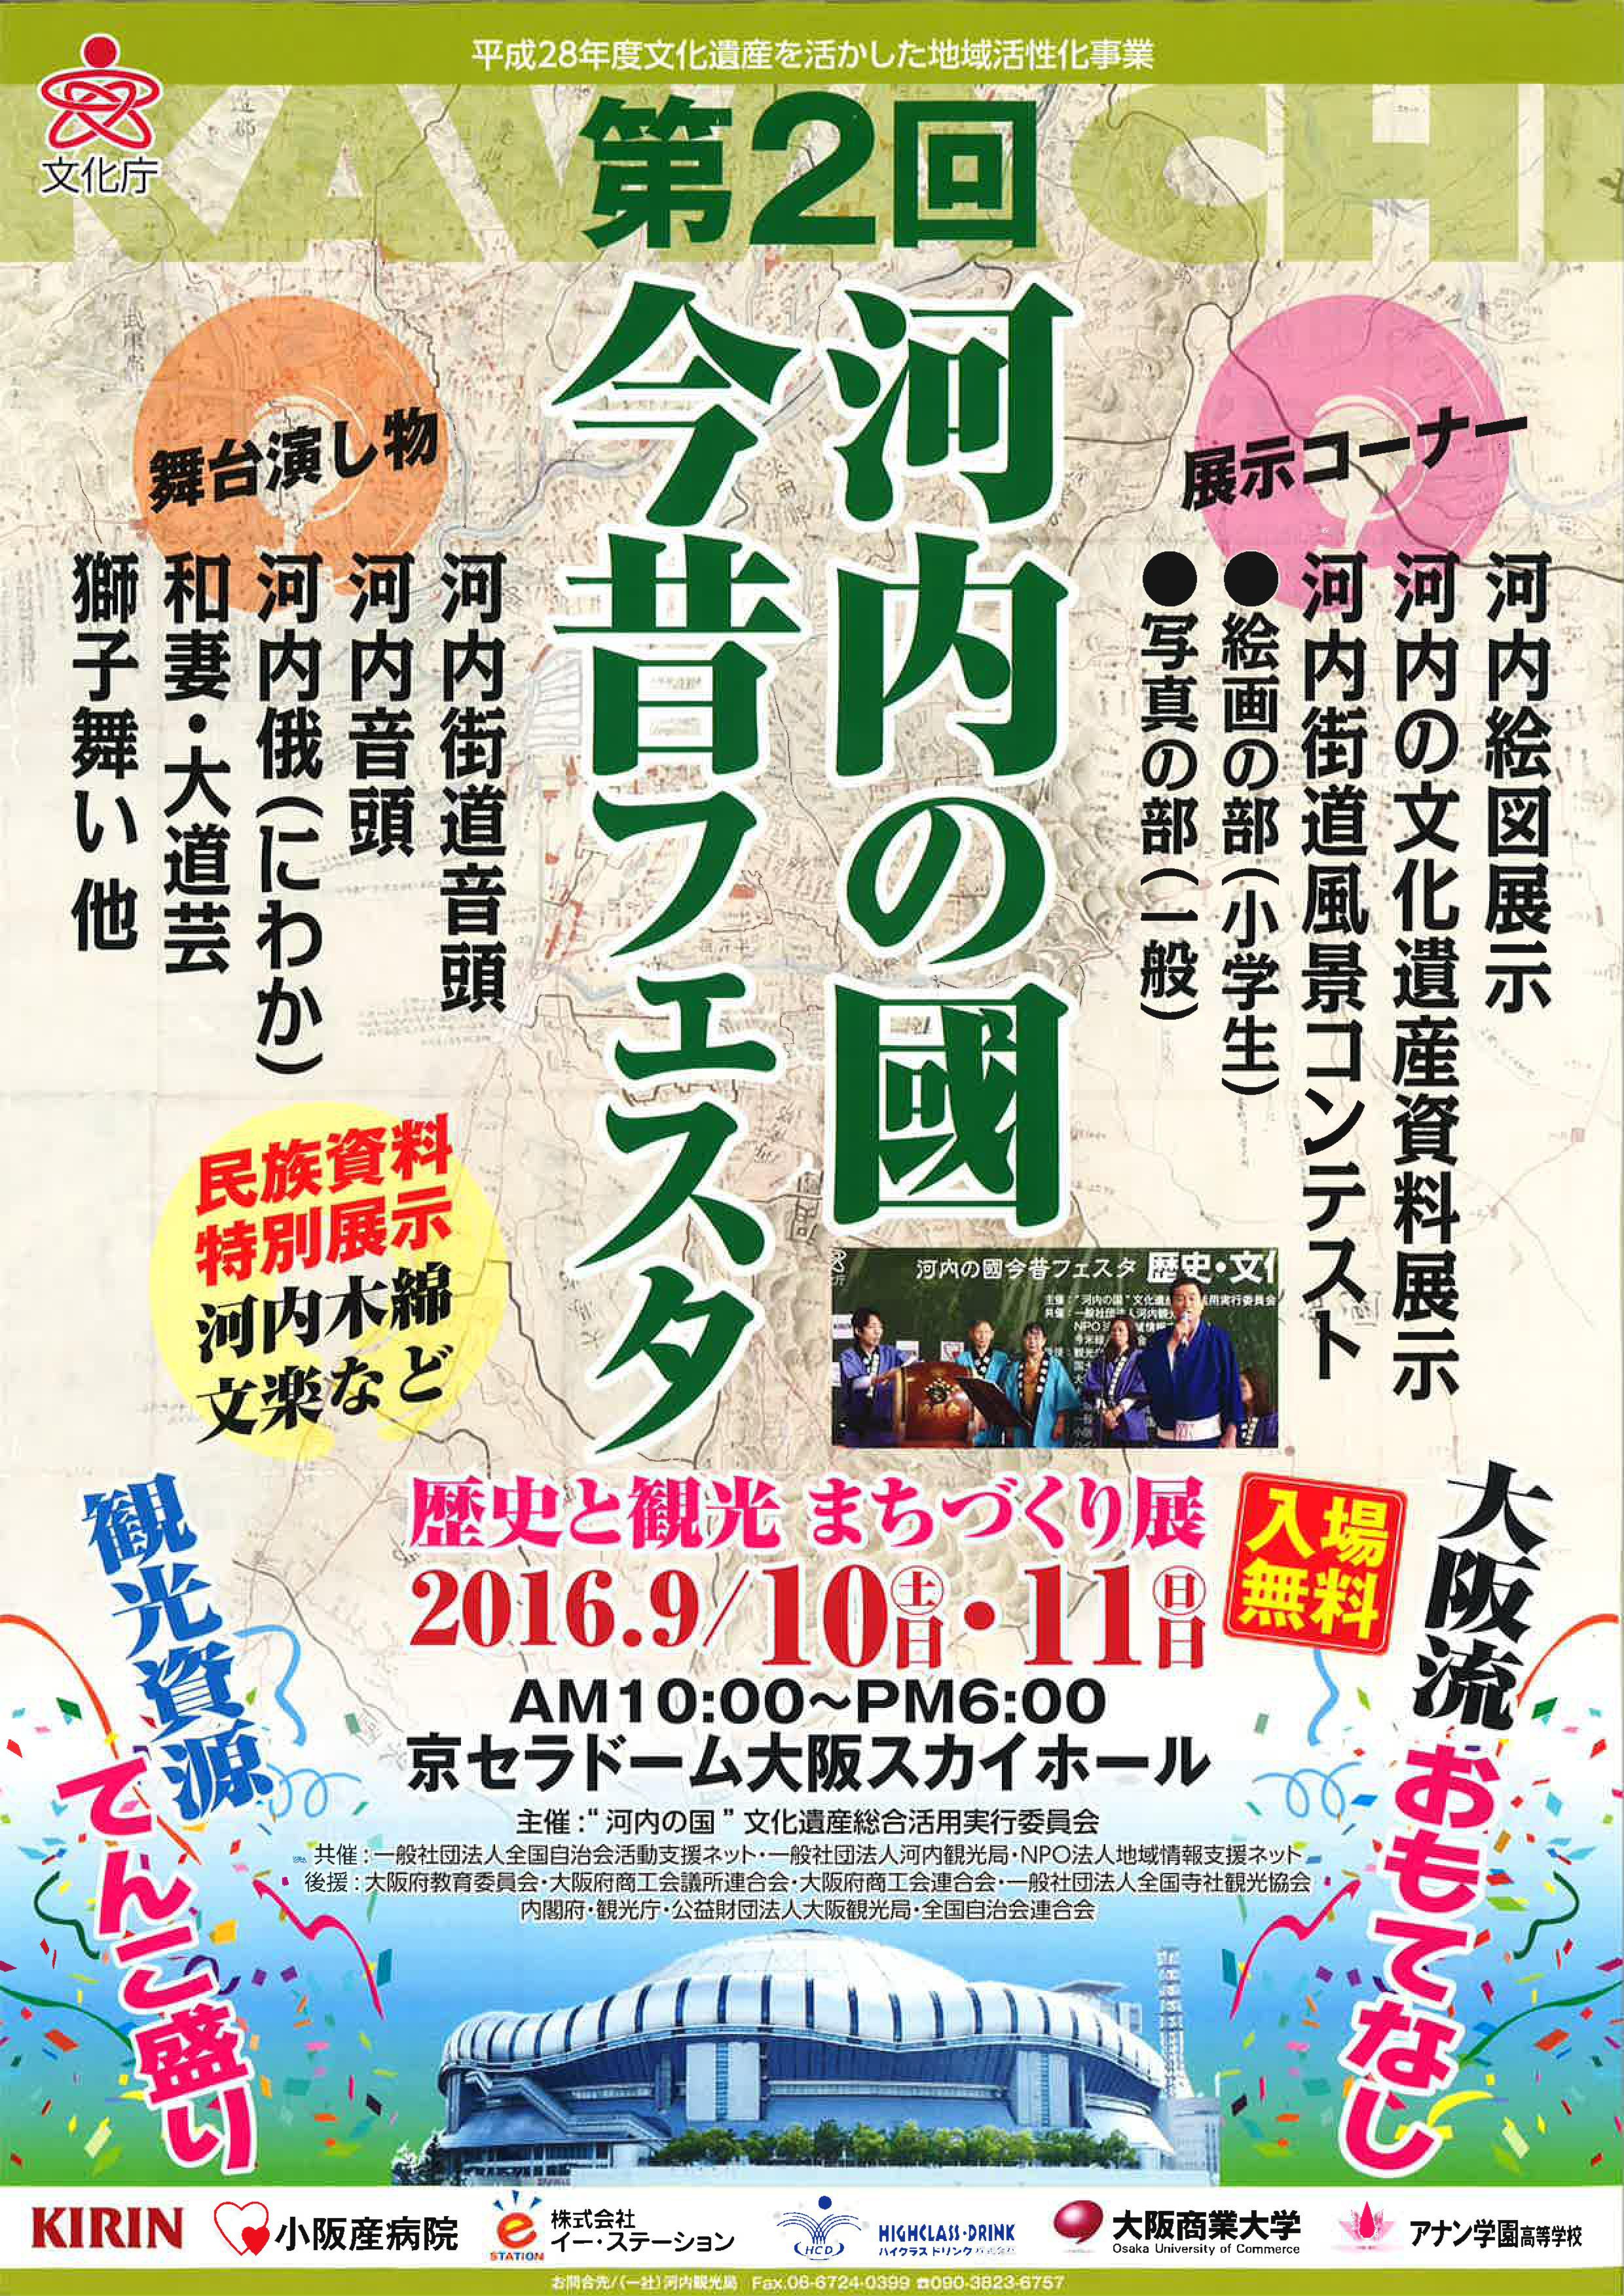 9/10(土).11(日)京セラドームで歴史と観光まちづくり展開催☆入場無料☆